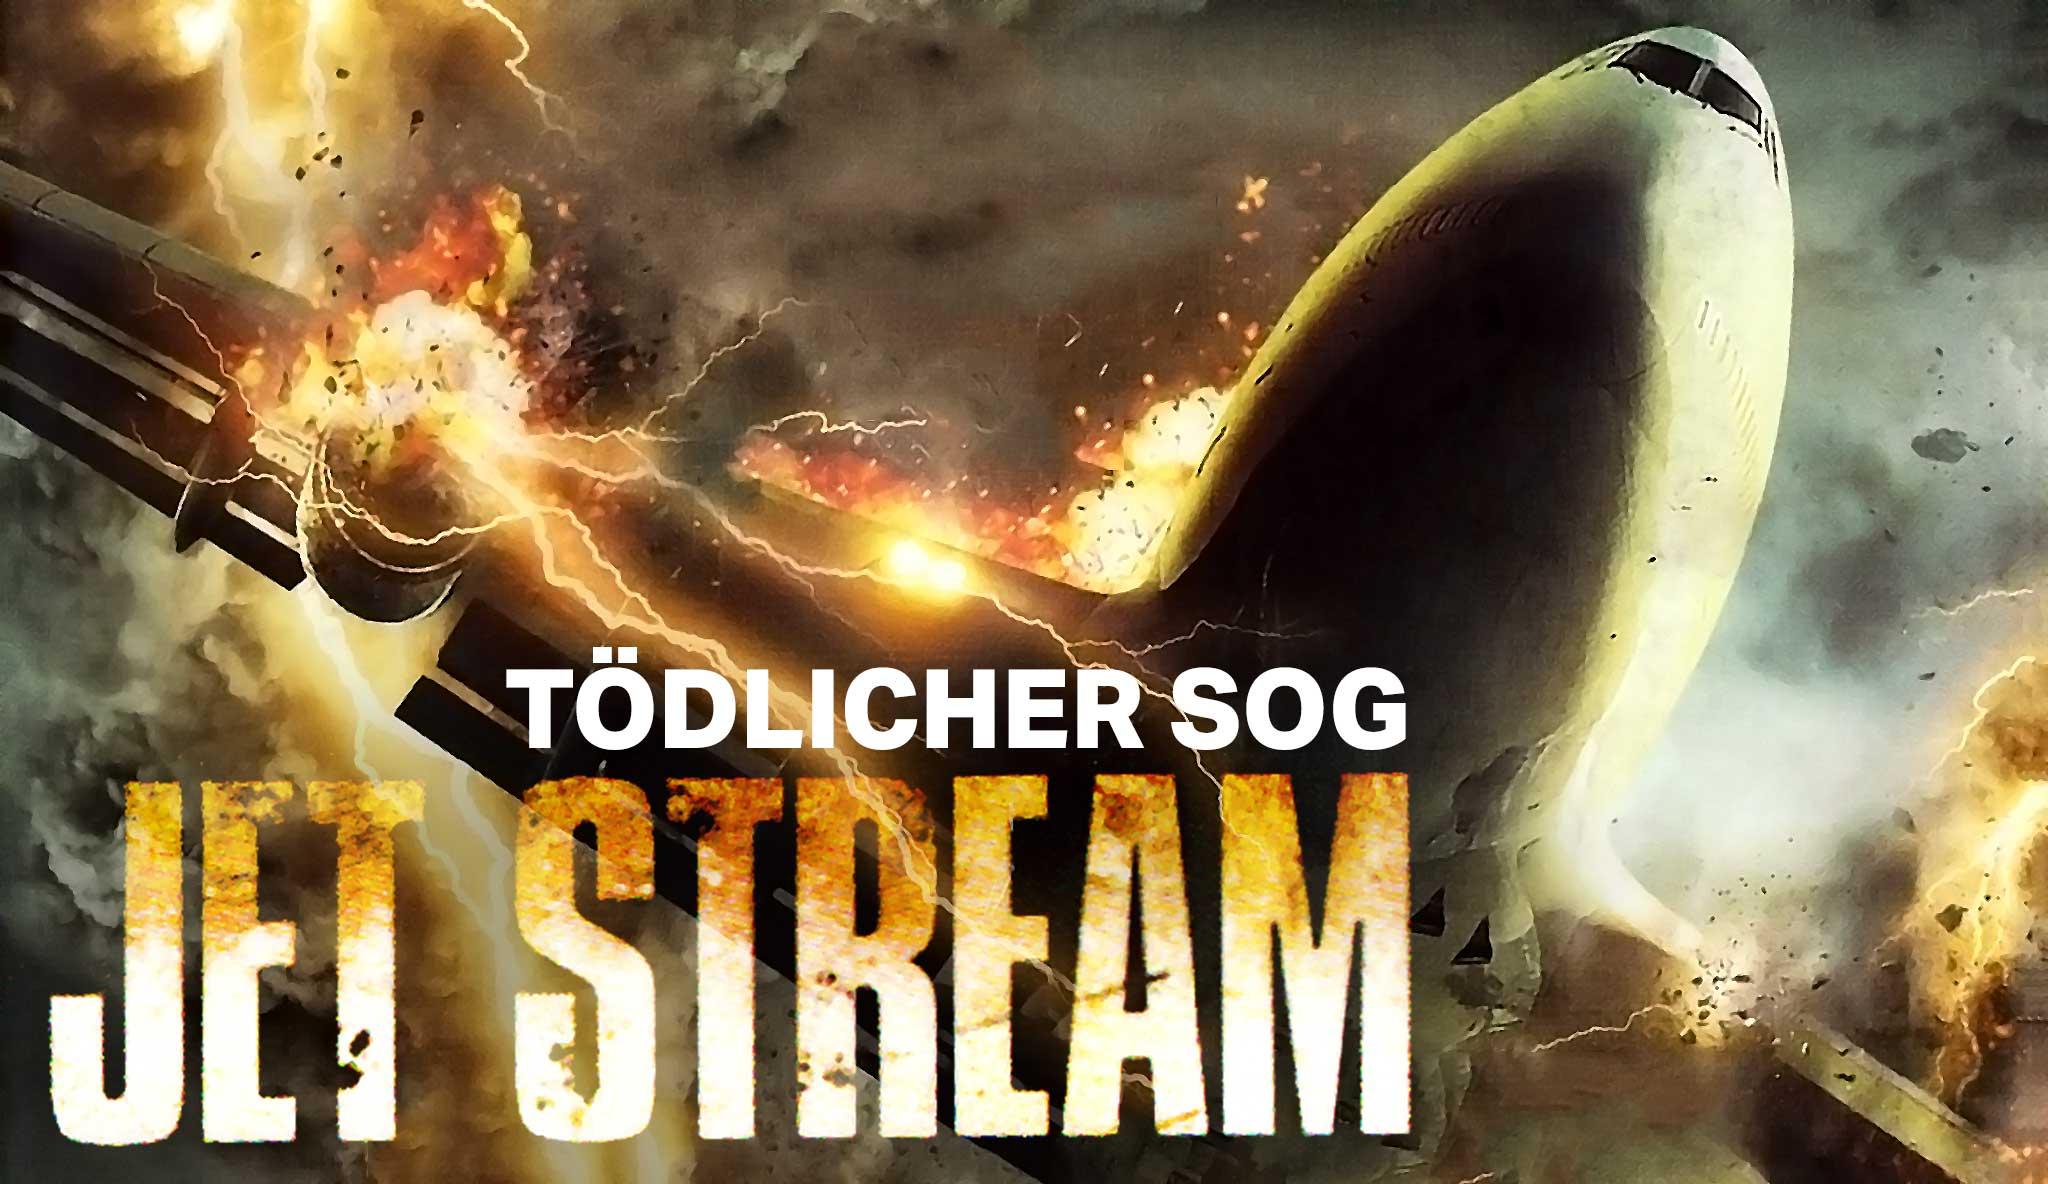 jet-stream-todlicher-sog\header.jpg